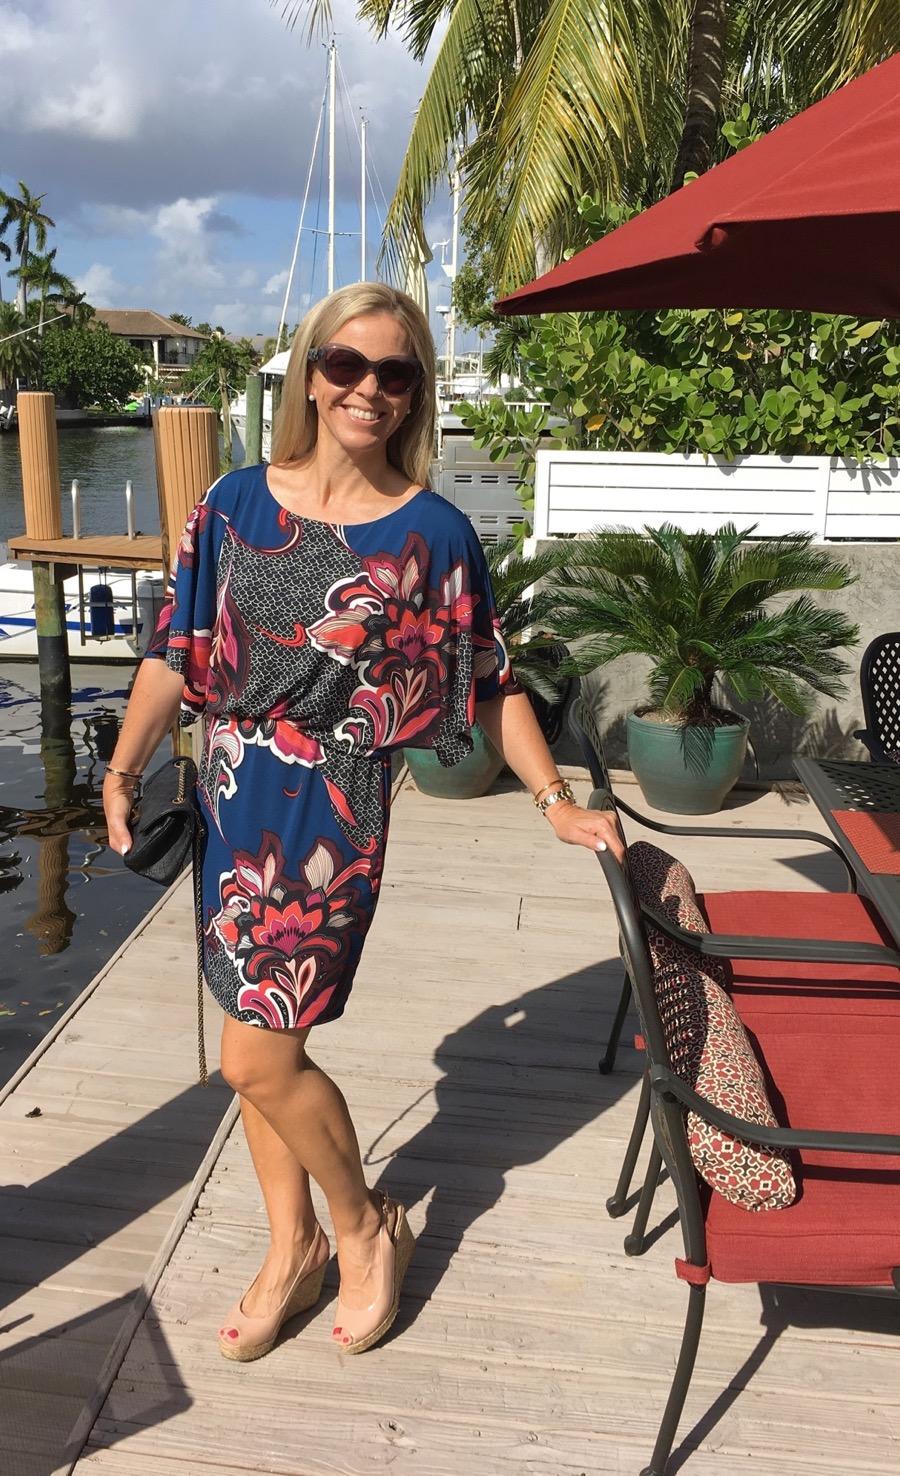 Mieheni valitsi minulle mekon!